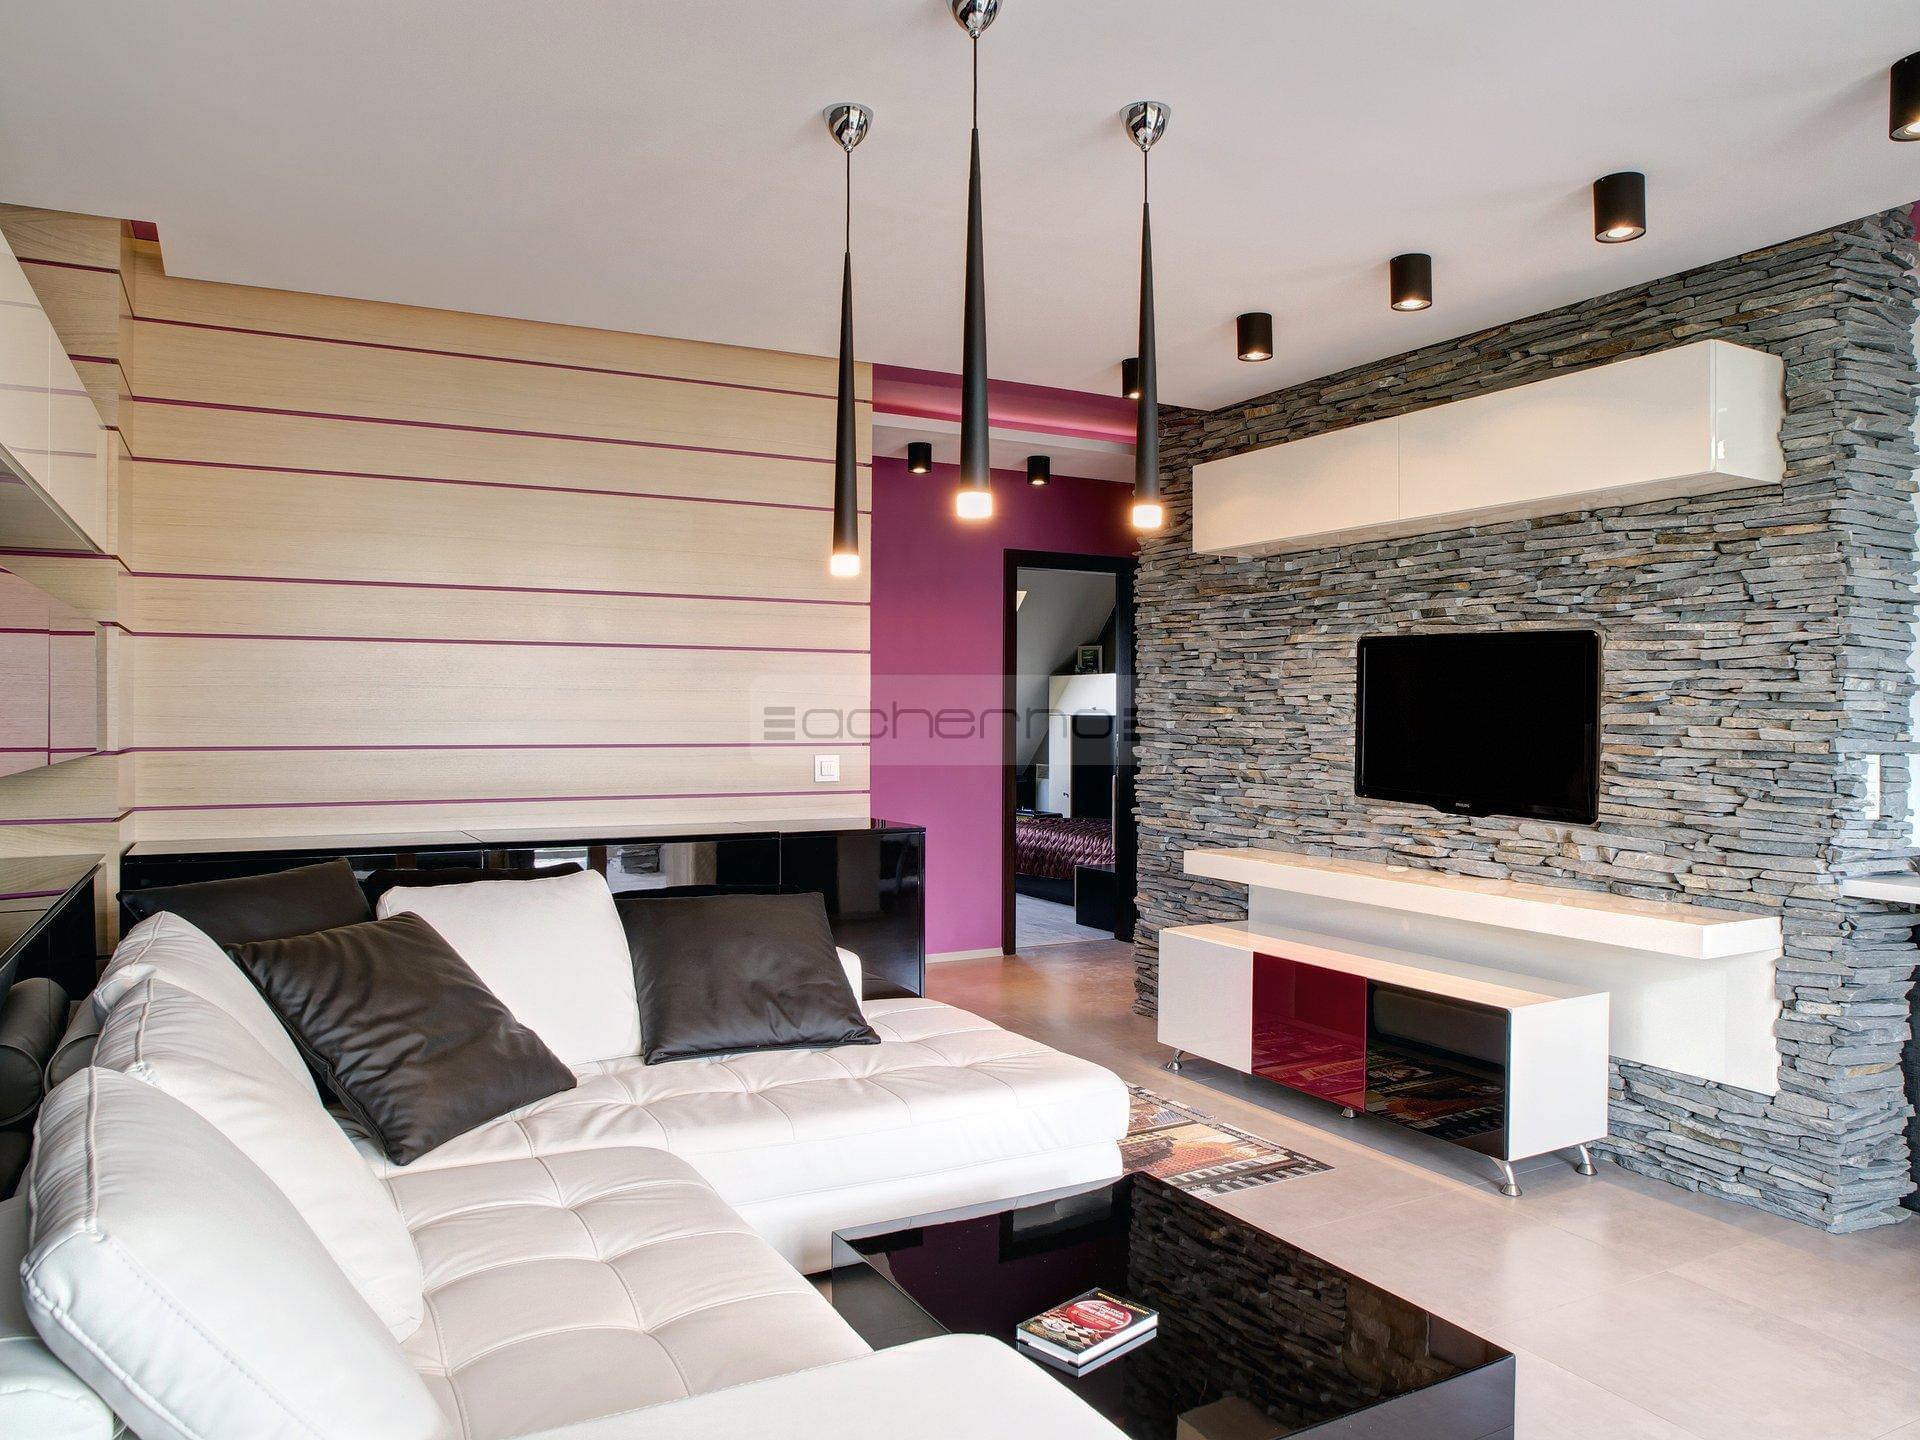 Hervorragend Acherno - Wohnung Design Mon Chèri RY48